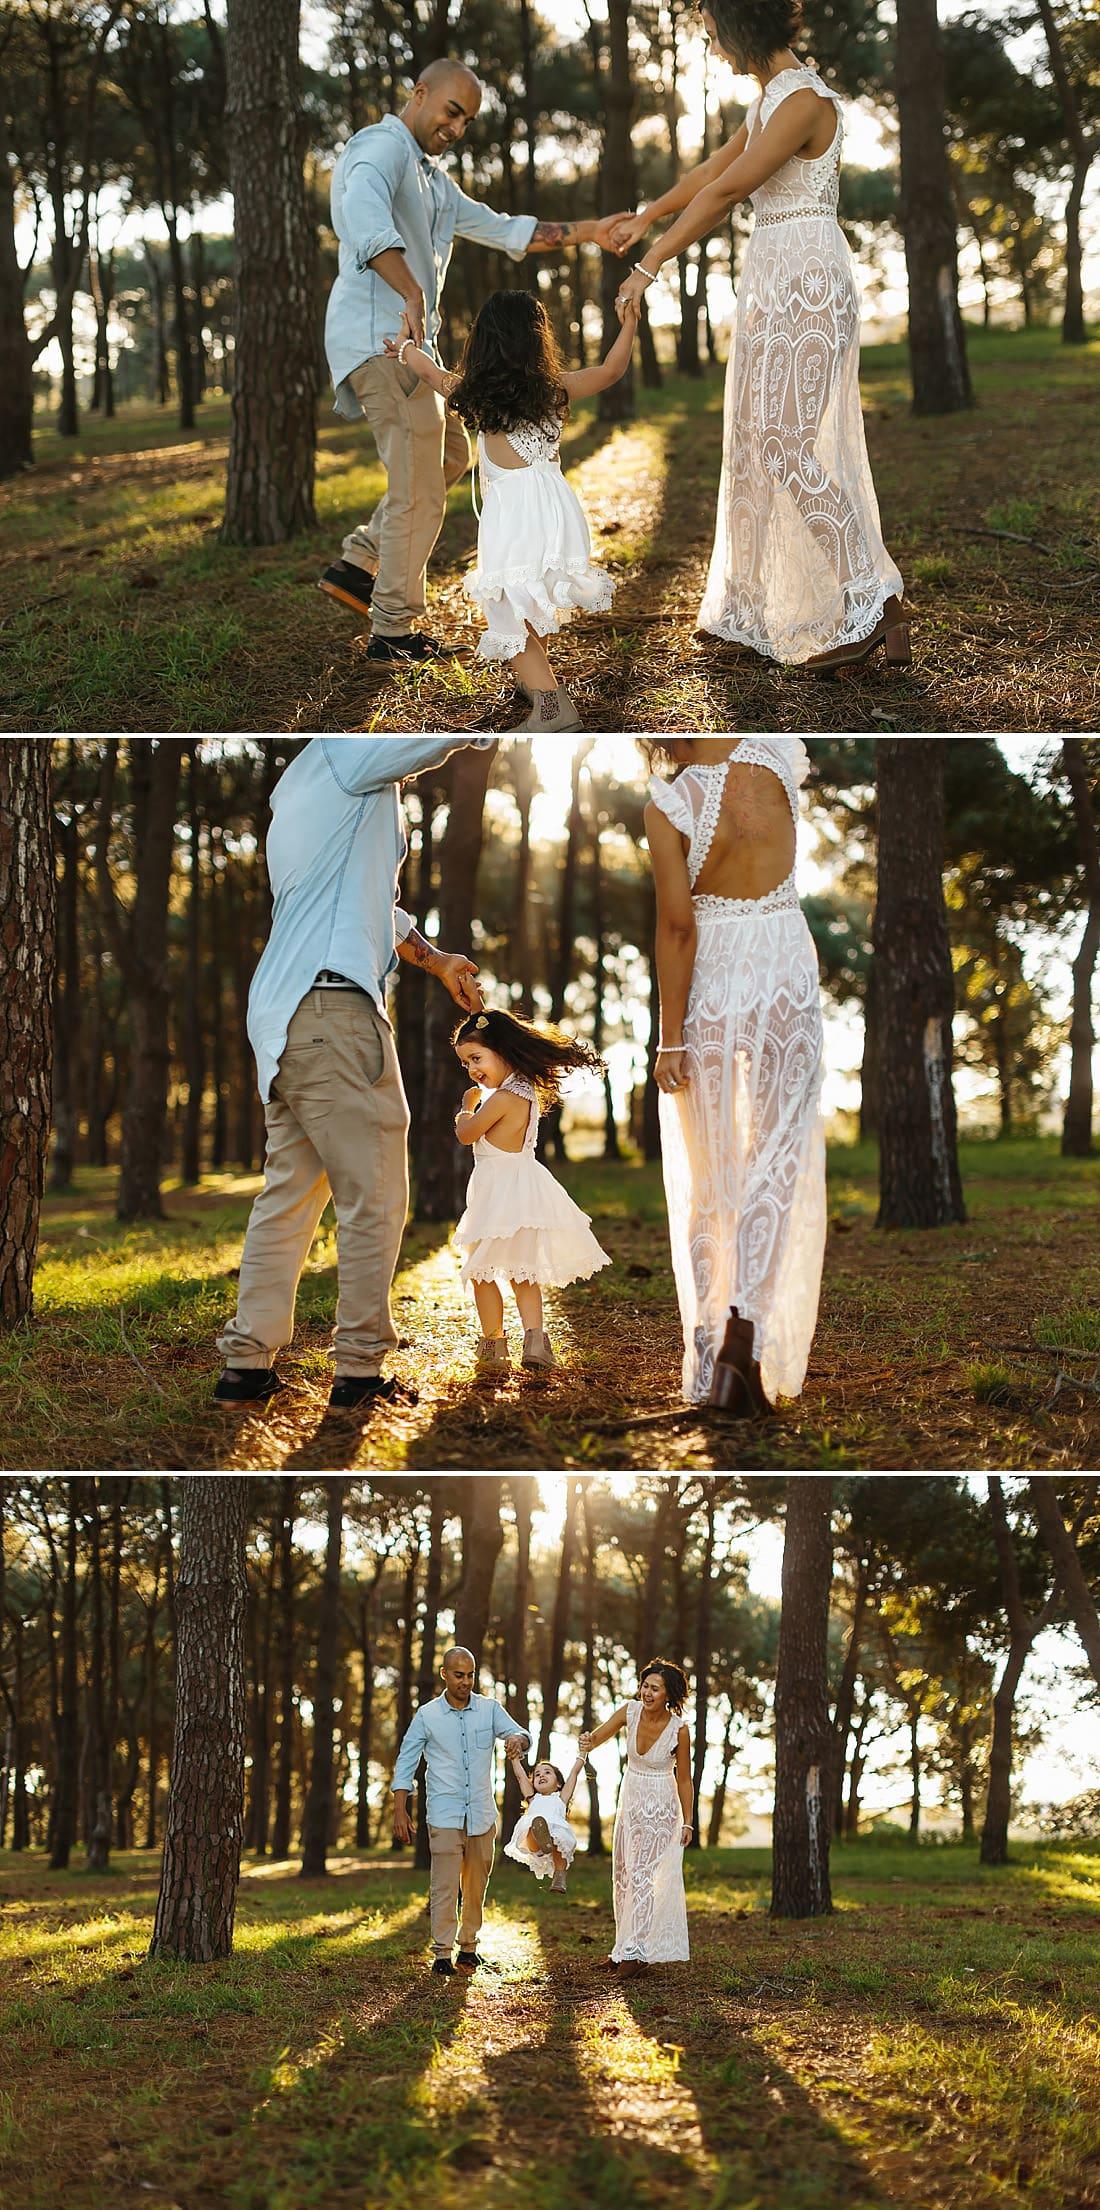 Family-lifestyle-photography-sutherland-shire-sydney